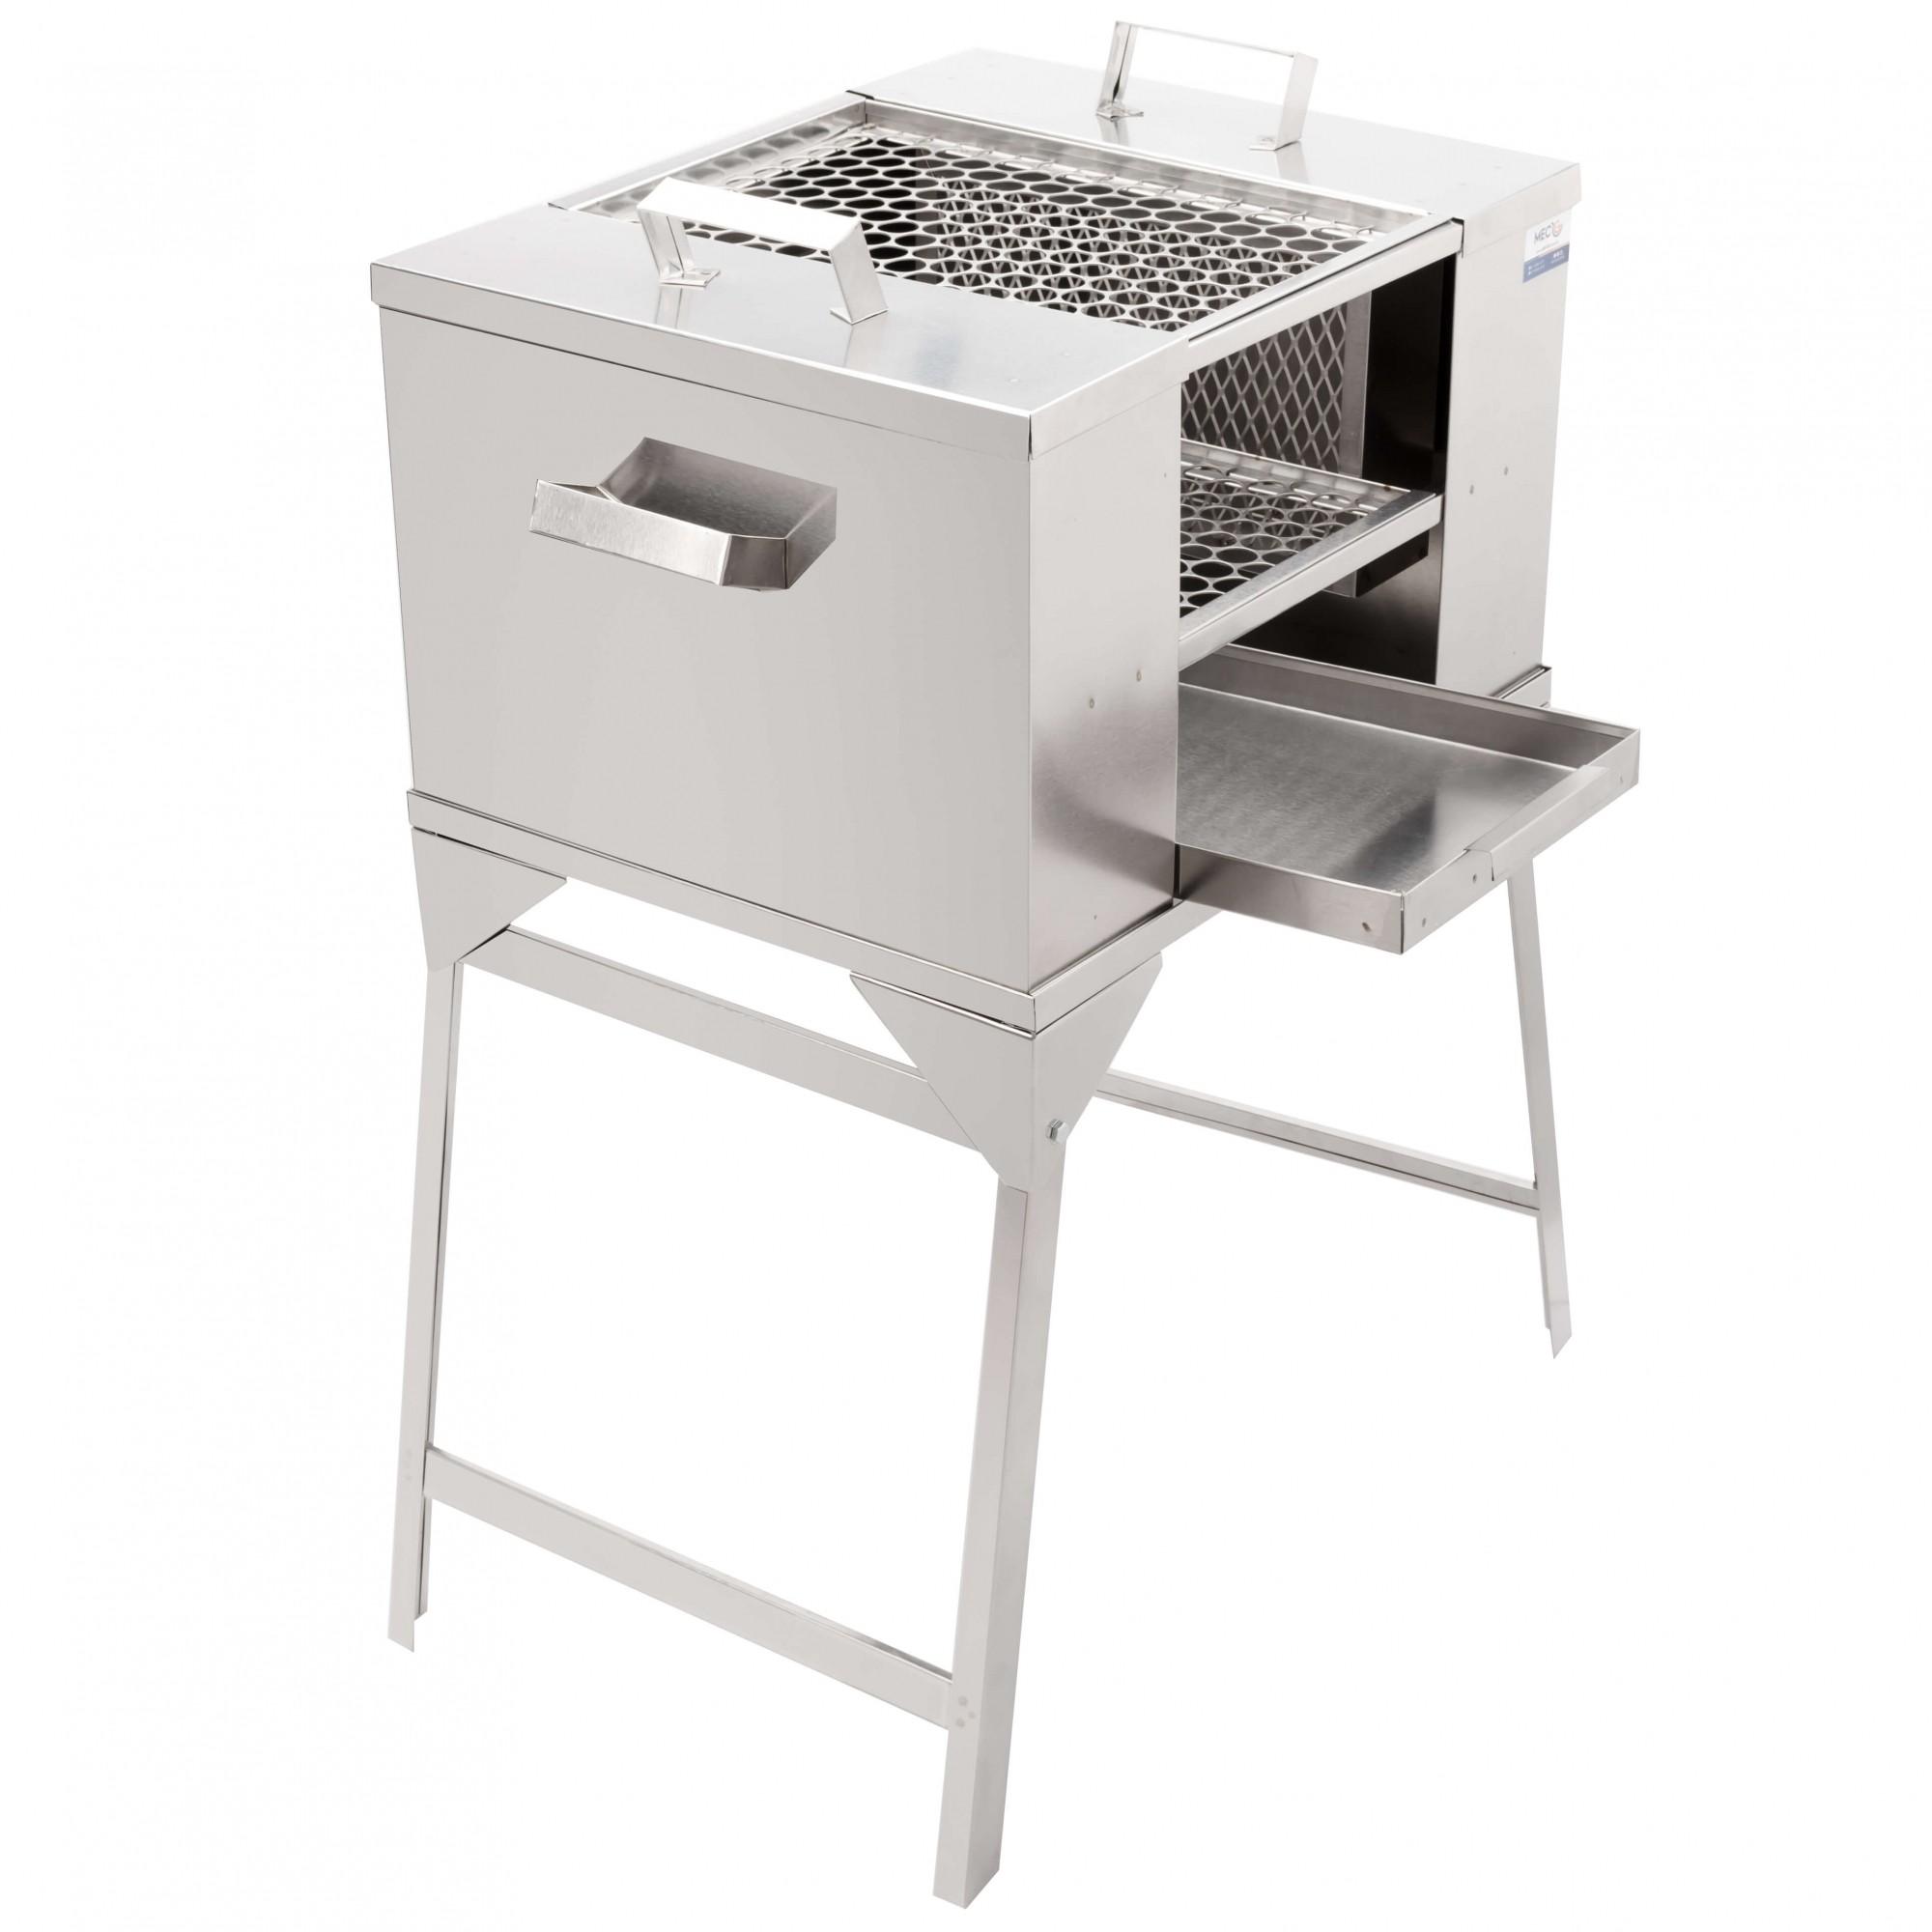 Churrasqueira Ecológica Para Apartamento Sem Fumaça 50 cm x 40 cm Aço Inox